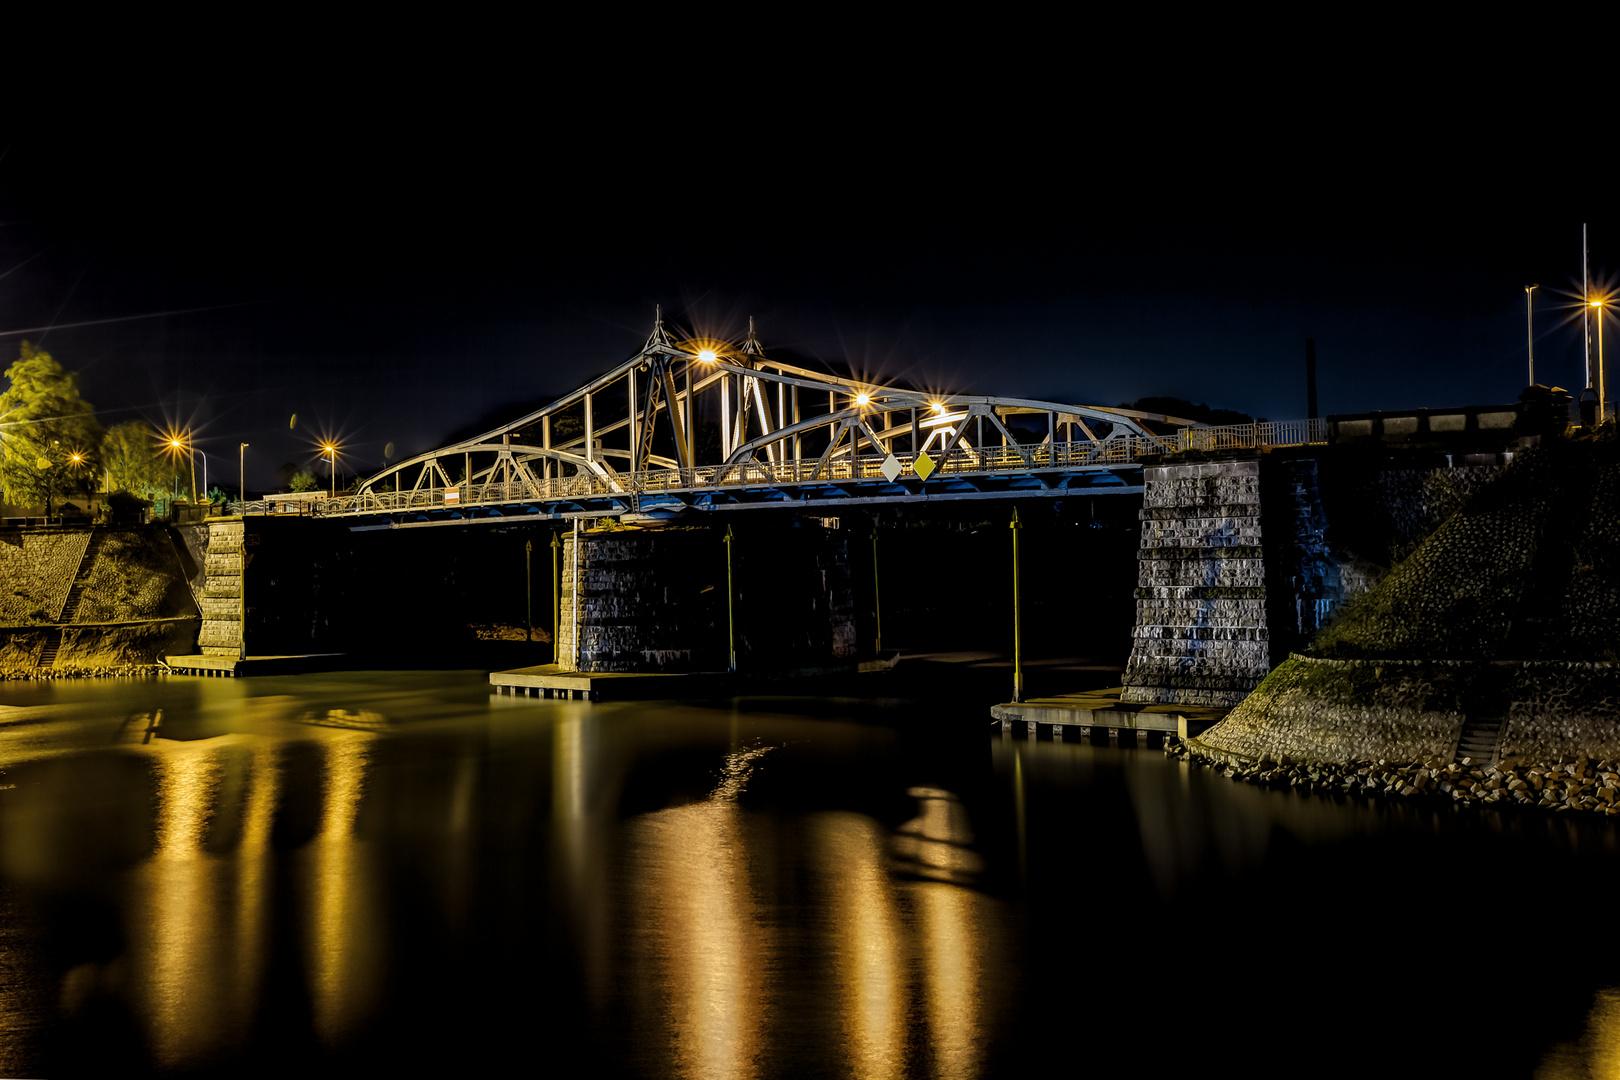 Drehbrücke im Hafen von Krefeld Linn